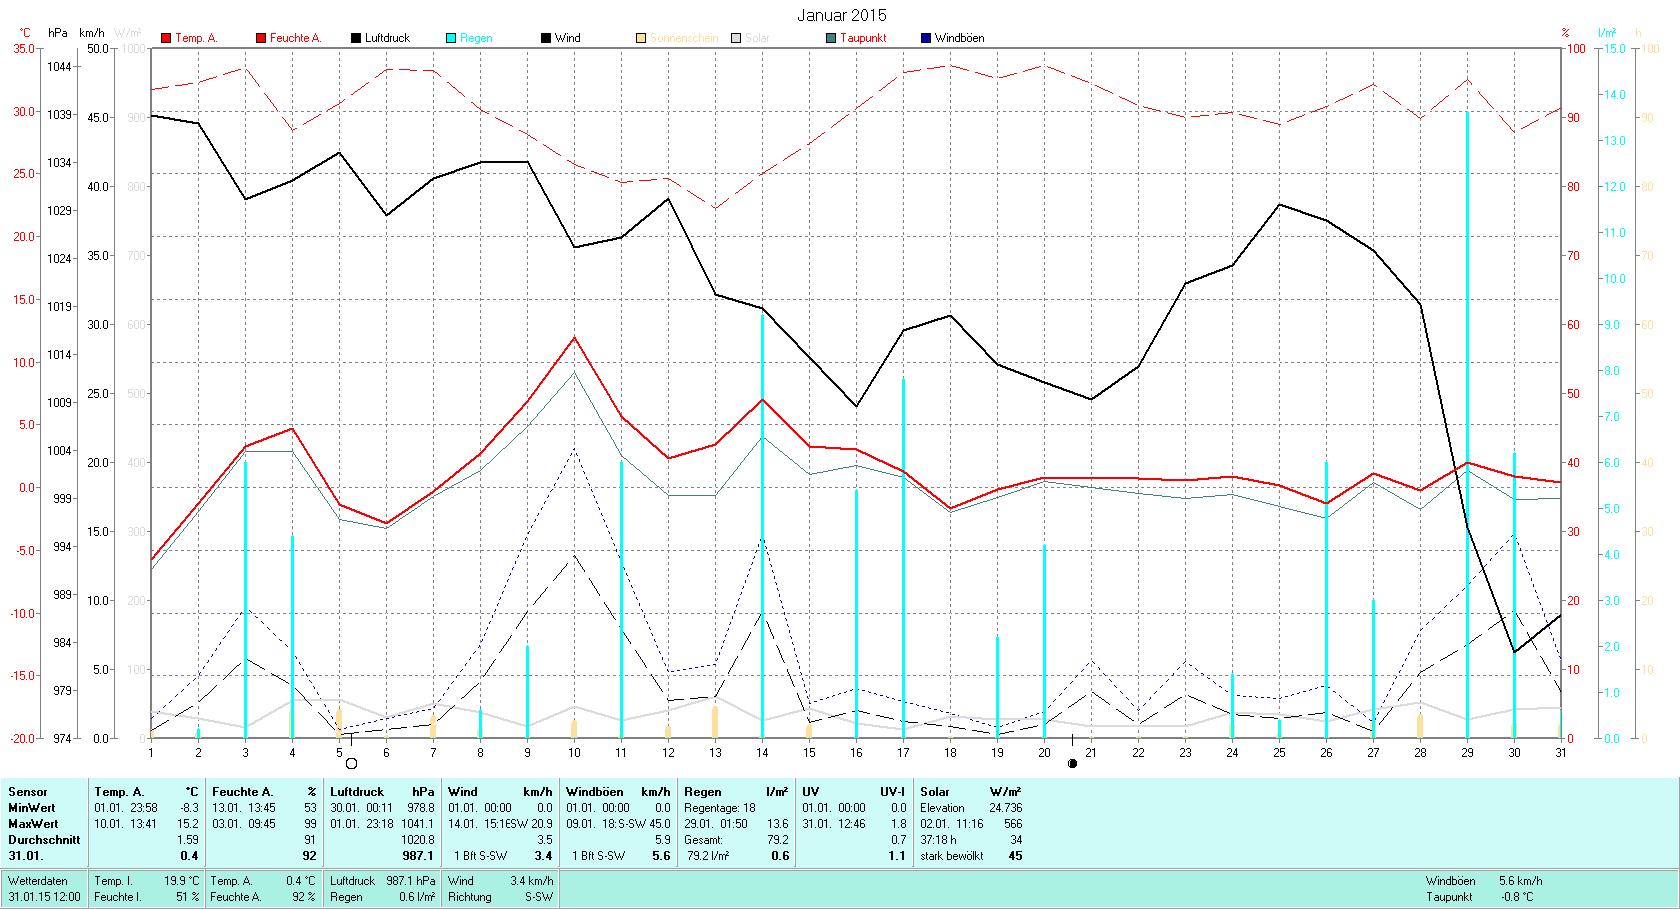 Januar 2015 Tmin -8.3°C, Tmax 15.2°C, Sonne 37:18h, Niederschlag 79.2mm/2